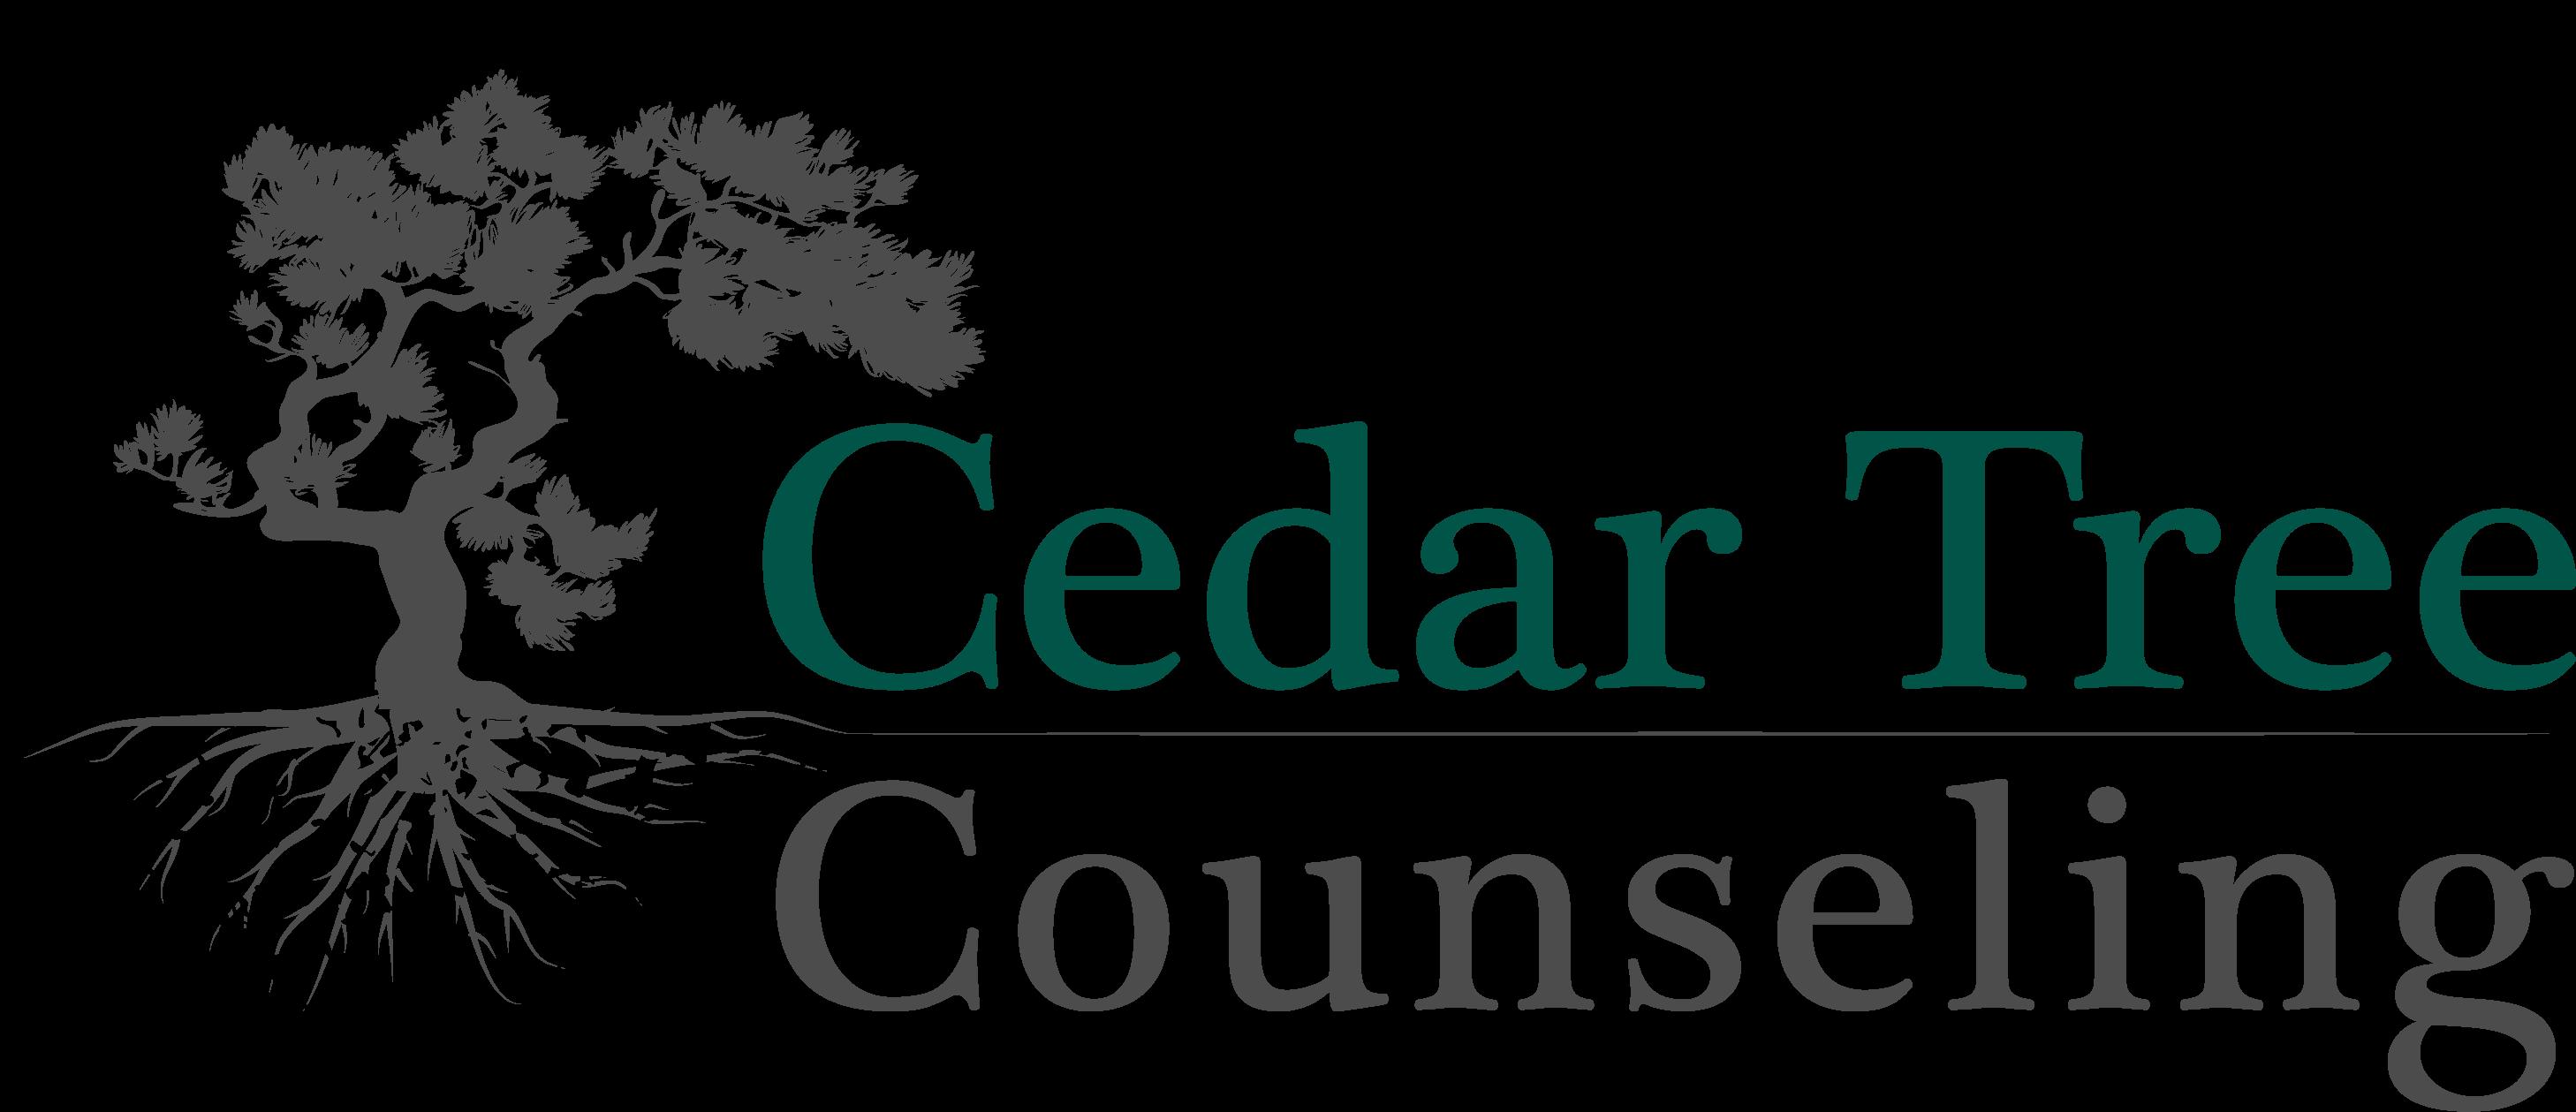 Cedar Tree Counseling, Ltd.